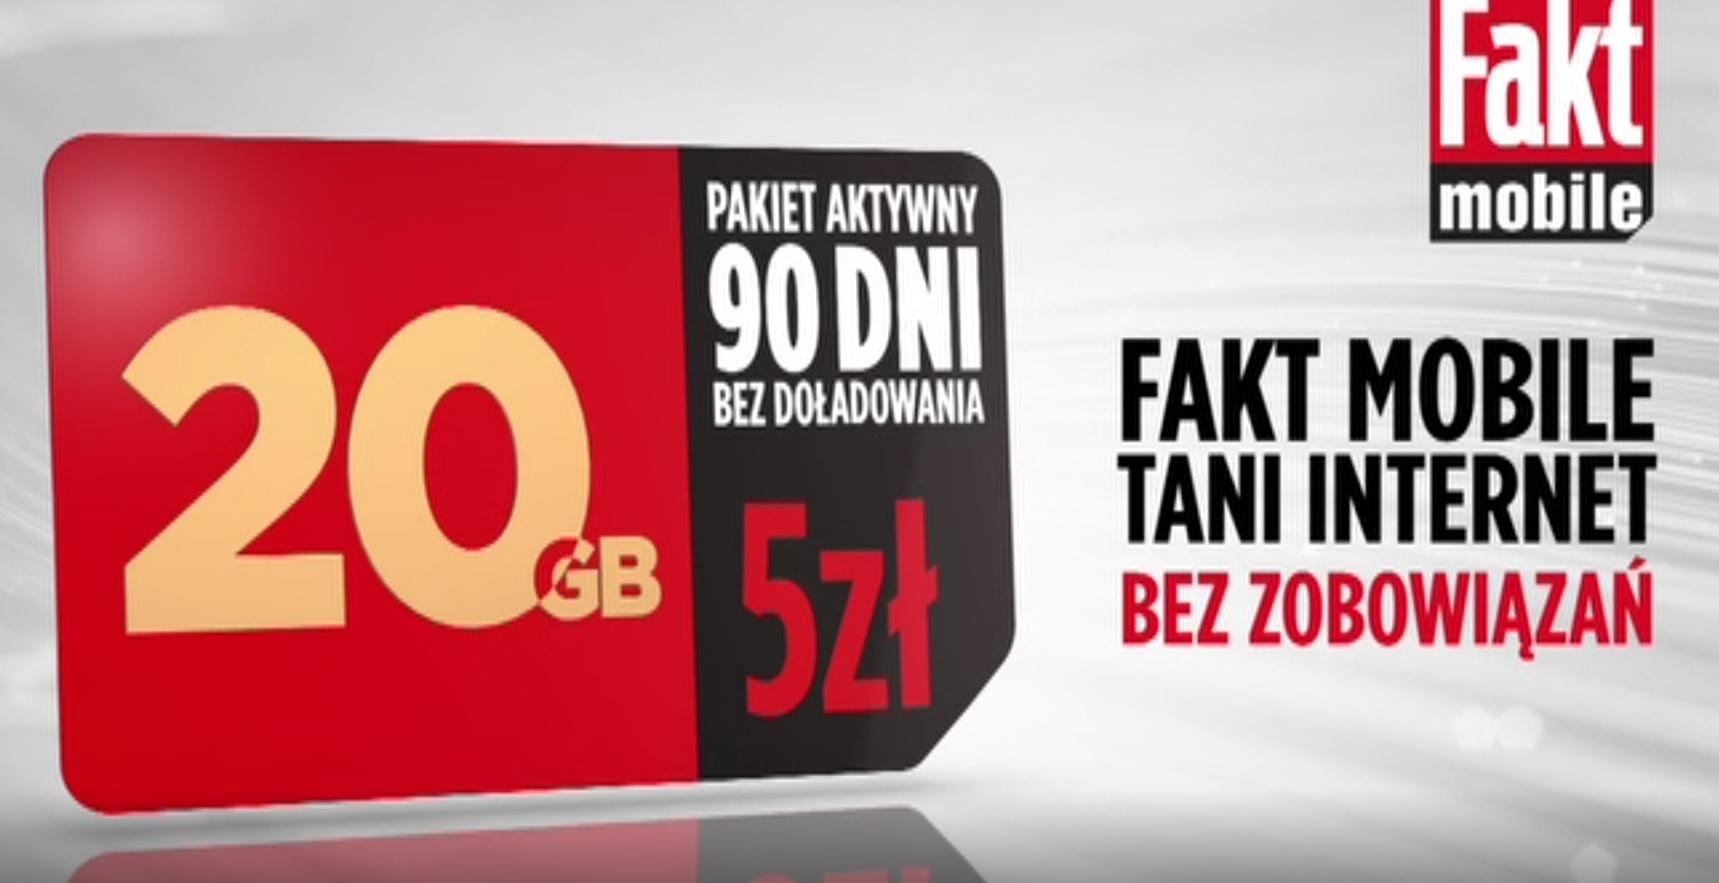 20GB na 90 dni za 5zł @FAKT Mobile